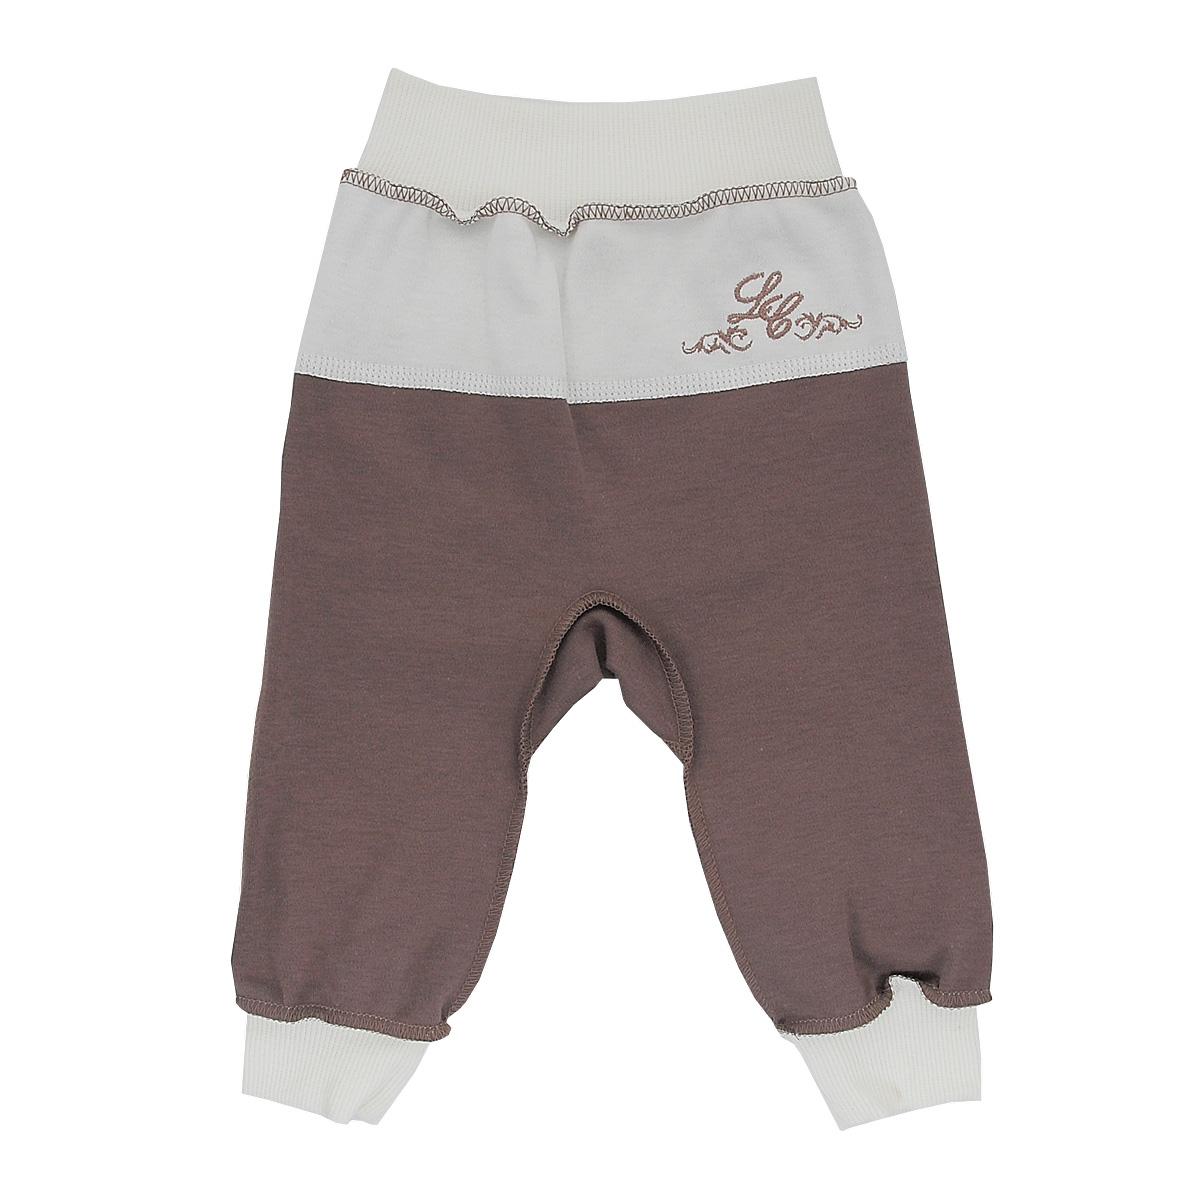 Брюки для мальчика. 20-1120-11Стильные брюки для мальчика Lucky Child станут прекрасным дополнением к гардеробу вашего малыша. Изготовленные из натурального хлопка, они необычайно мягкие и приятные на ощупь, не сковывают движения ребенка и позволяют коже дышать, не раздражают даже самую нежную и чувствительную кожу ребенка, обеспечивая ему наибольший комфорт. Брюки выполнены швами наружу, на талии имеют широкую эластичную резинку, благодаря чему они не сдавливают животик ребенка и не сползают. Снизу брючины дополнены широкими трикотажными манжетами. Спереди брюки дополнены контрастной вставкой, оформленной вышивкой. В таких брюках ваш ребенок будет чувствовать себя уютно и комфортно и всегда будет в центре внимания!